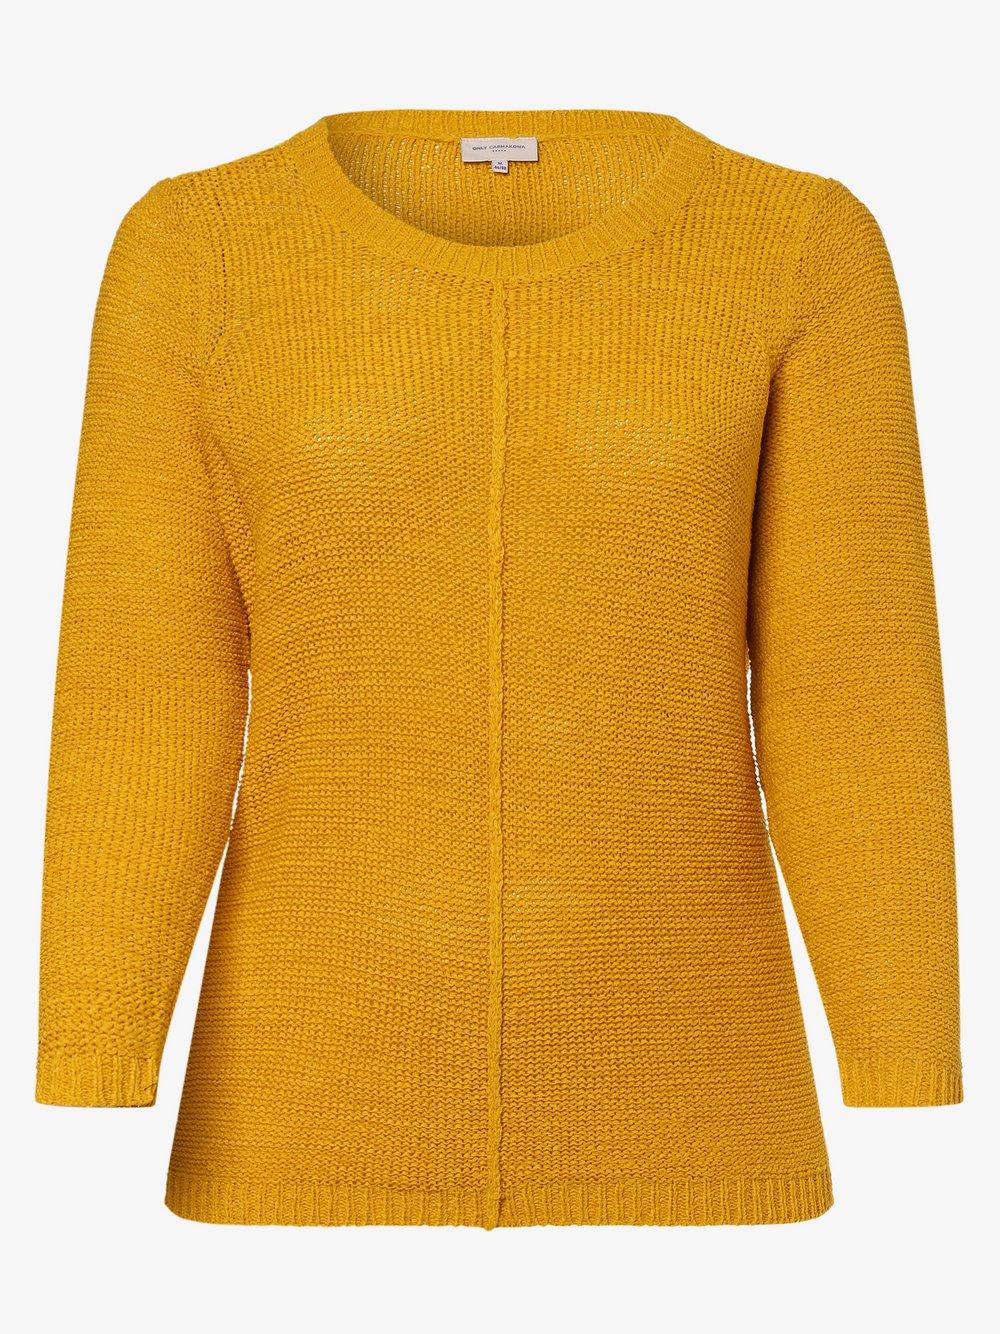 ONLY Carmakoma – Sweter damski – Carfoxy, złoty Van Graaf 476878-0001